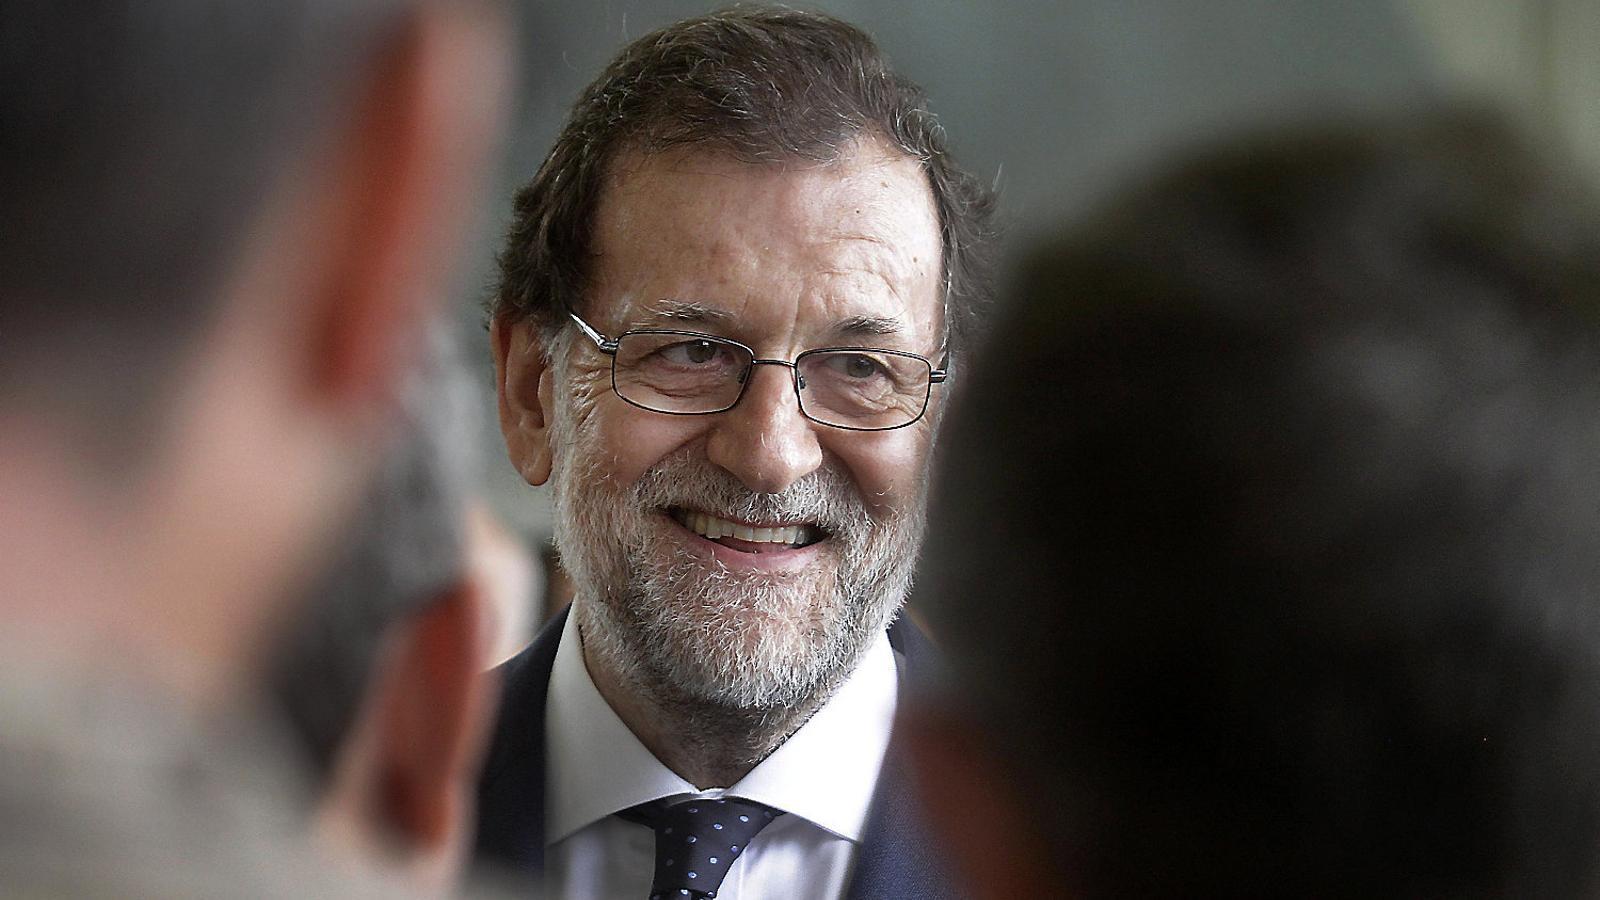 """""""Mai"""", """"és absolutament fals"""", """"ni la més remota idea"""": Rajoy es desvincula de les finances del PP"""